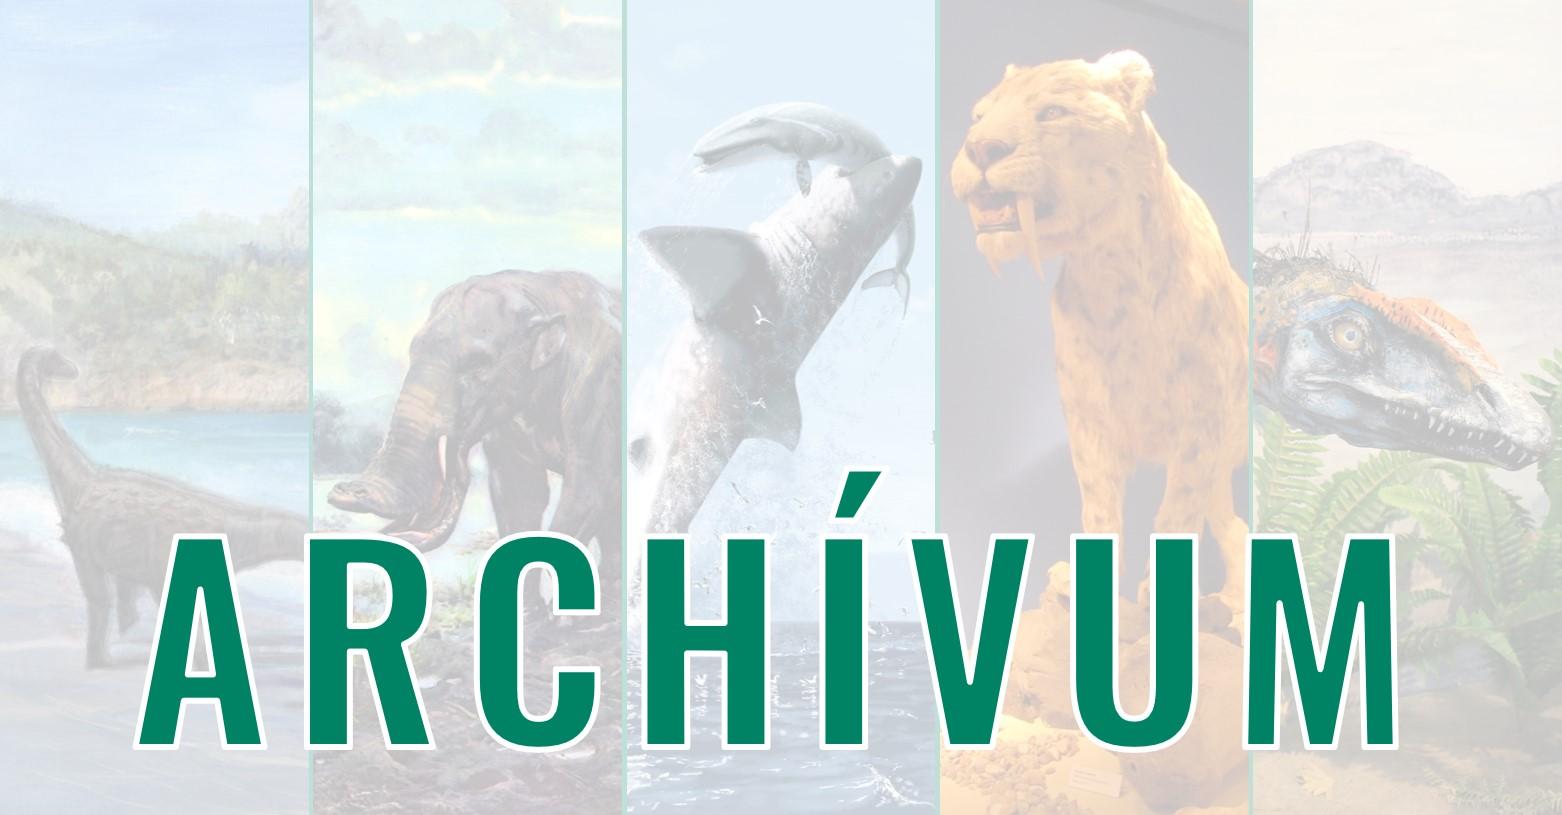 archivum_fb.jpg